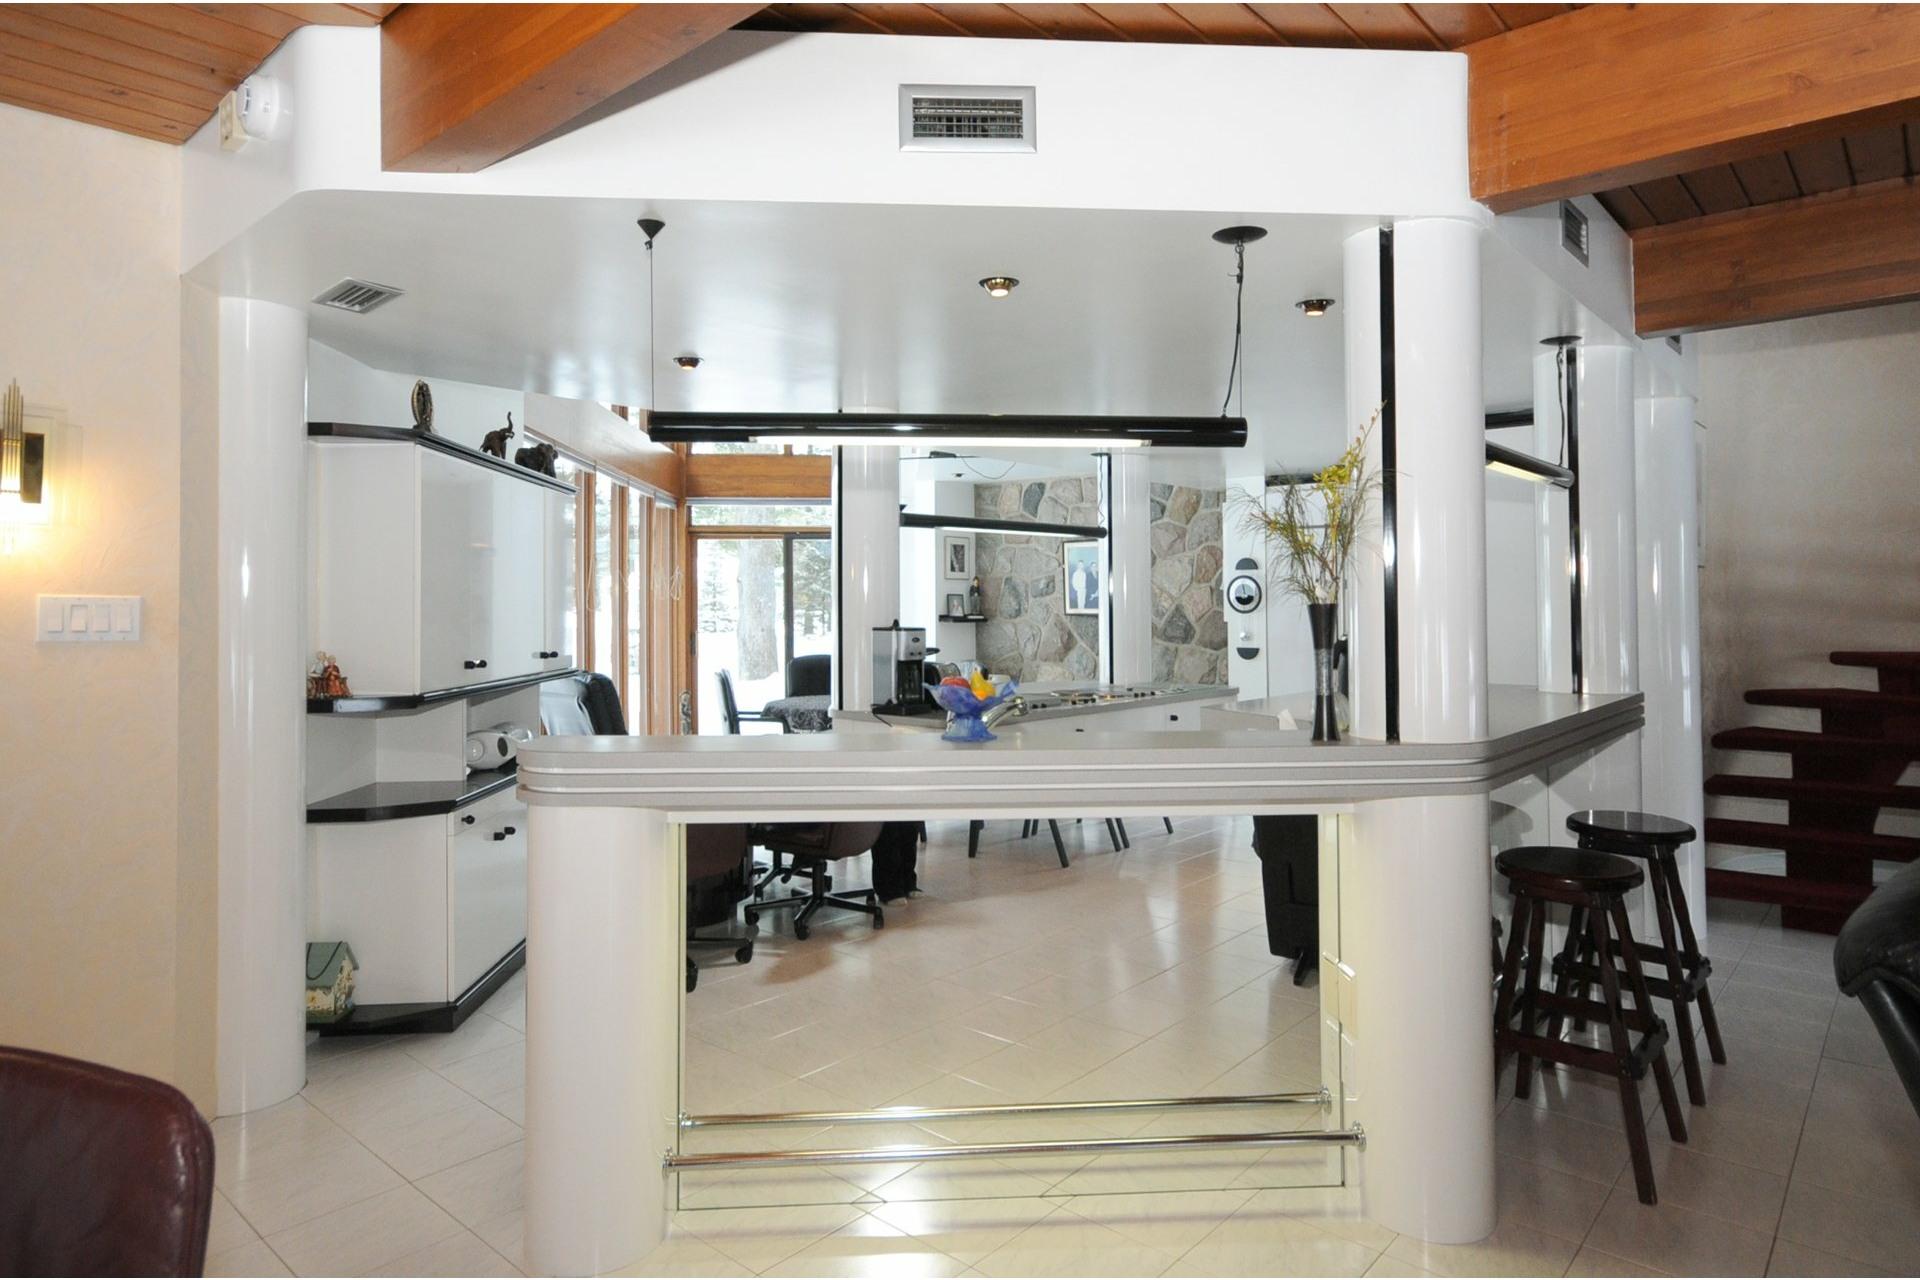 image 7 - Maison À vendre Saint-Ambroise-de-Kildare - 10 pièces